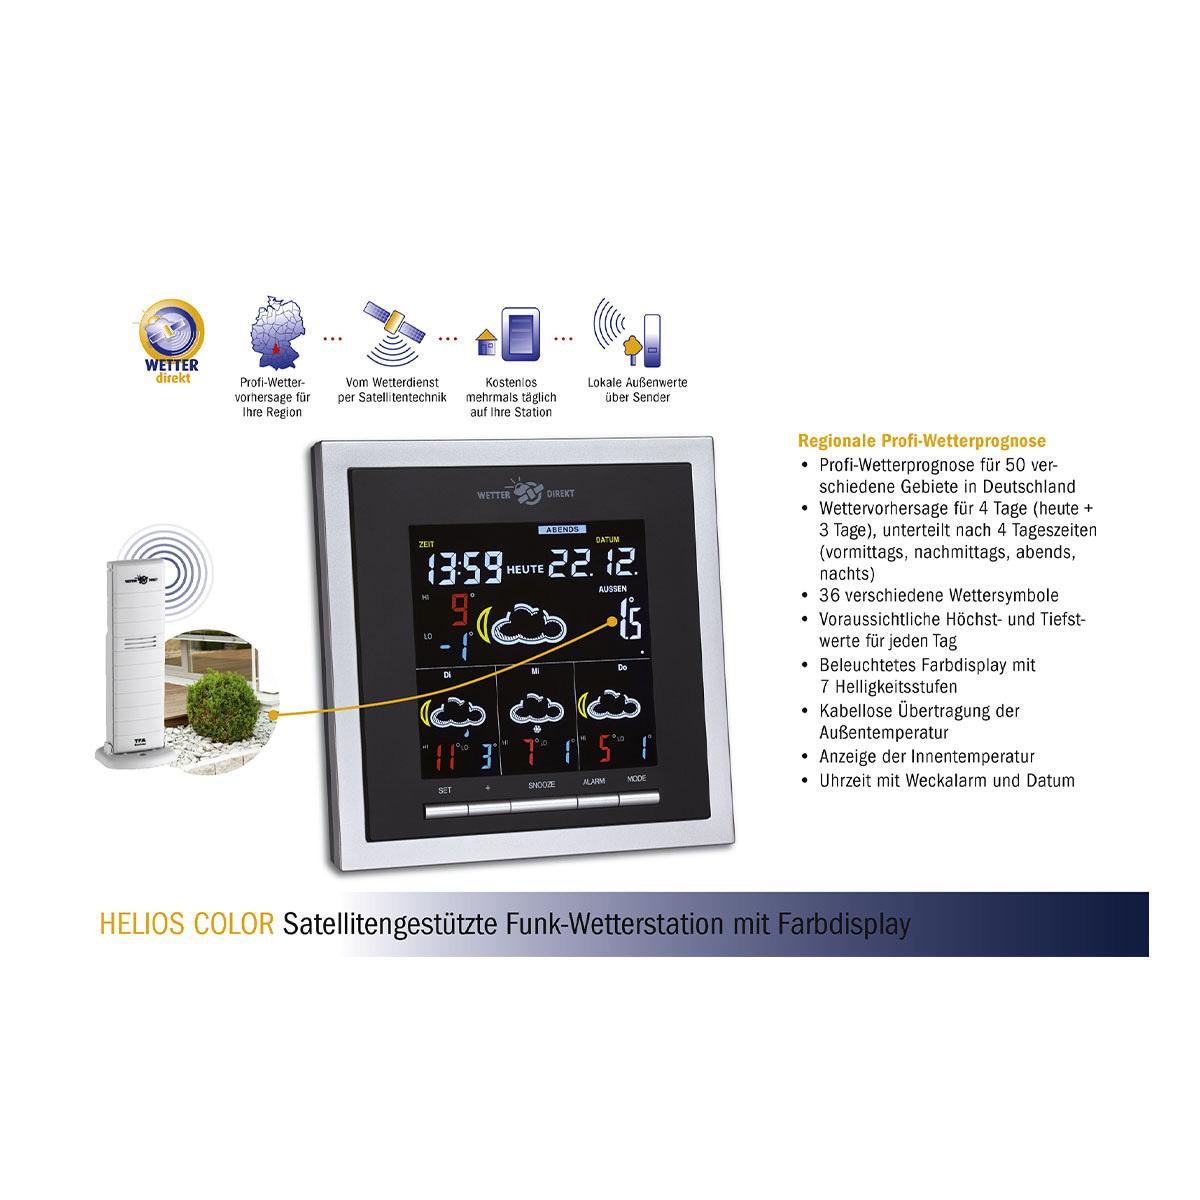 35-5057-it-satellitengestützte-funk-wetterstation-mit-farbdisplay-helios-color-vorteile-1200x1200px.jpg